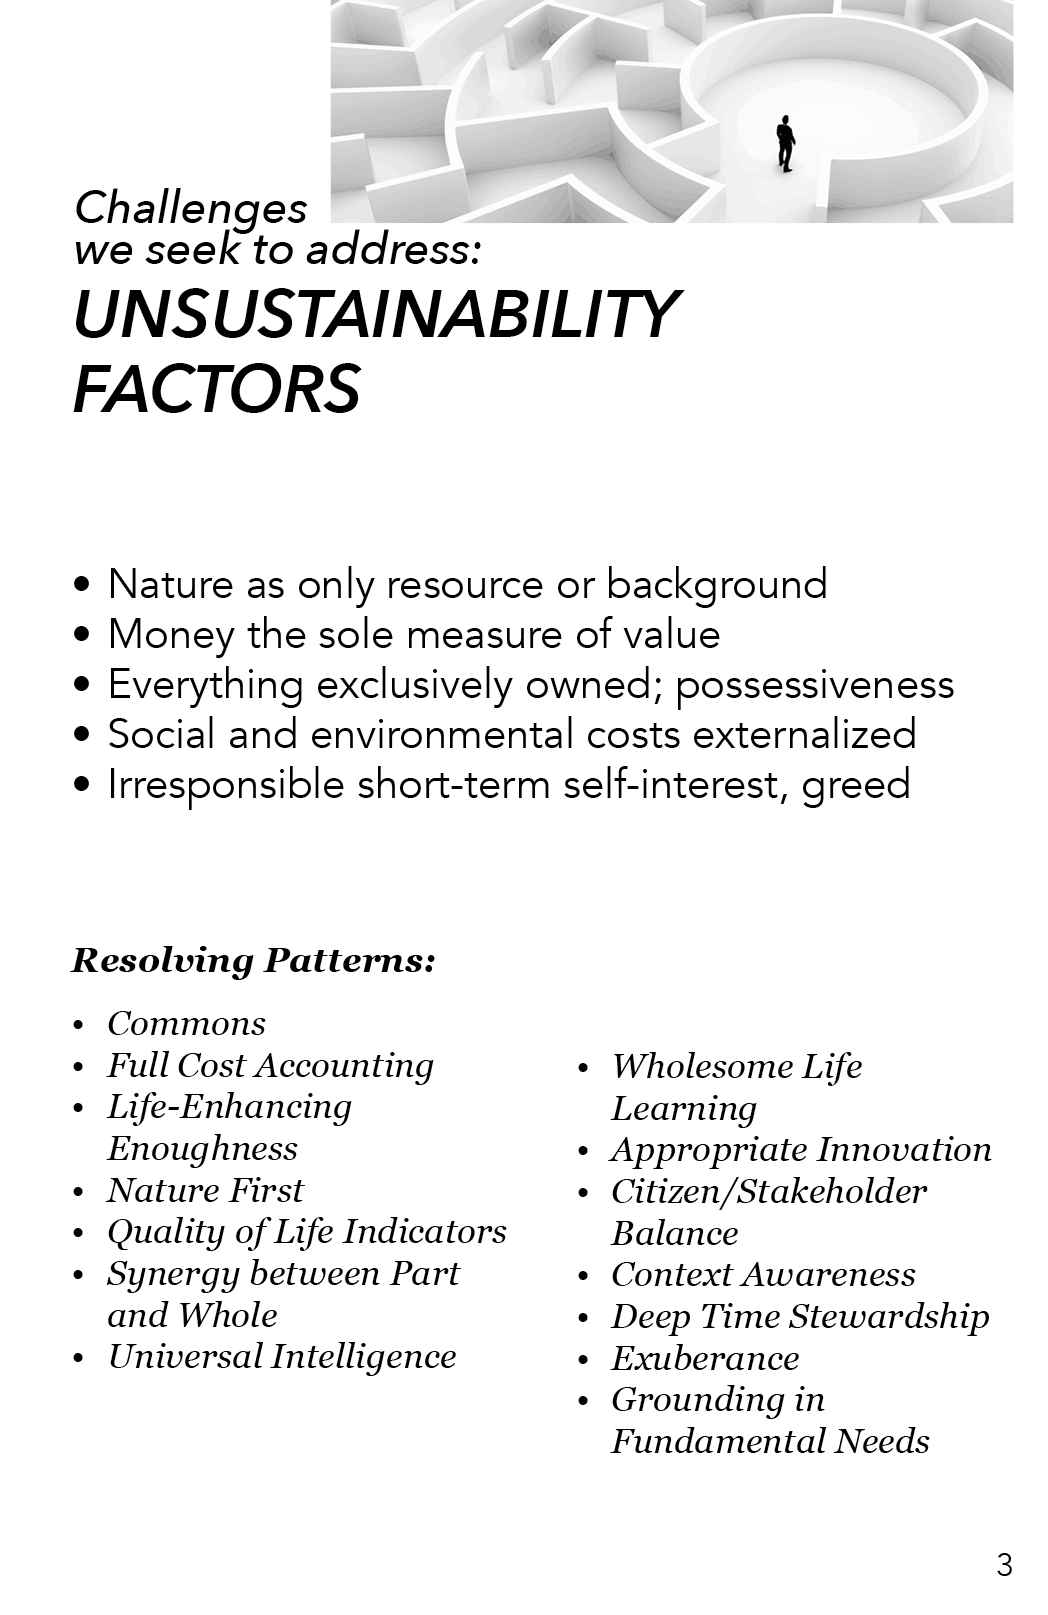 AAA - Unsustainibility